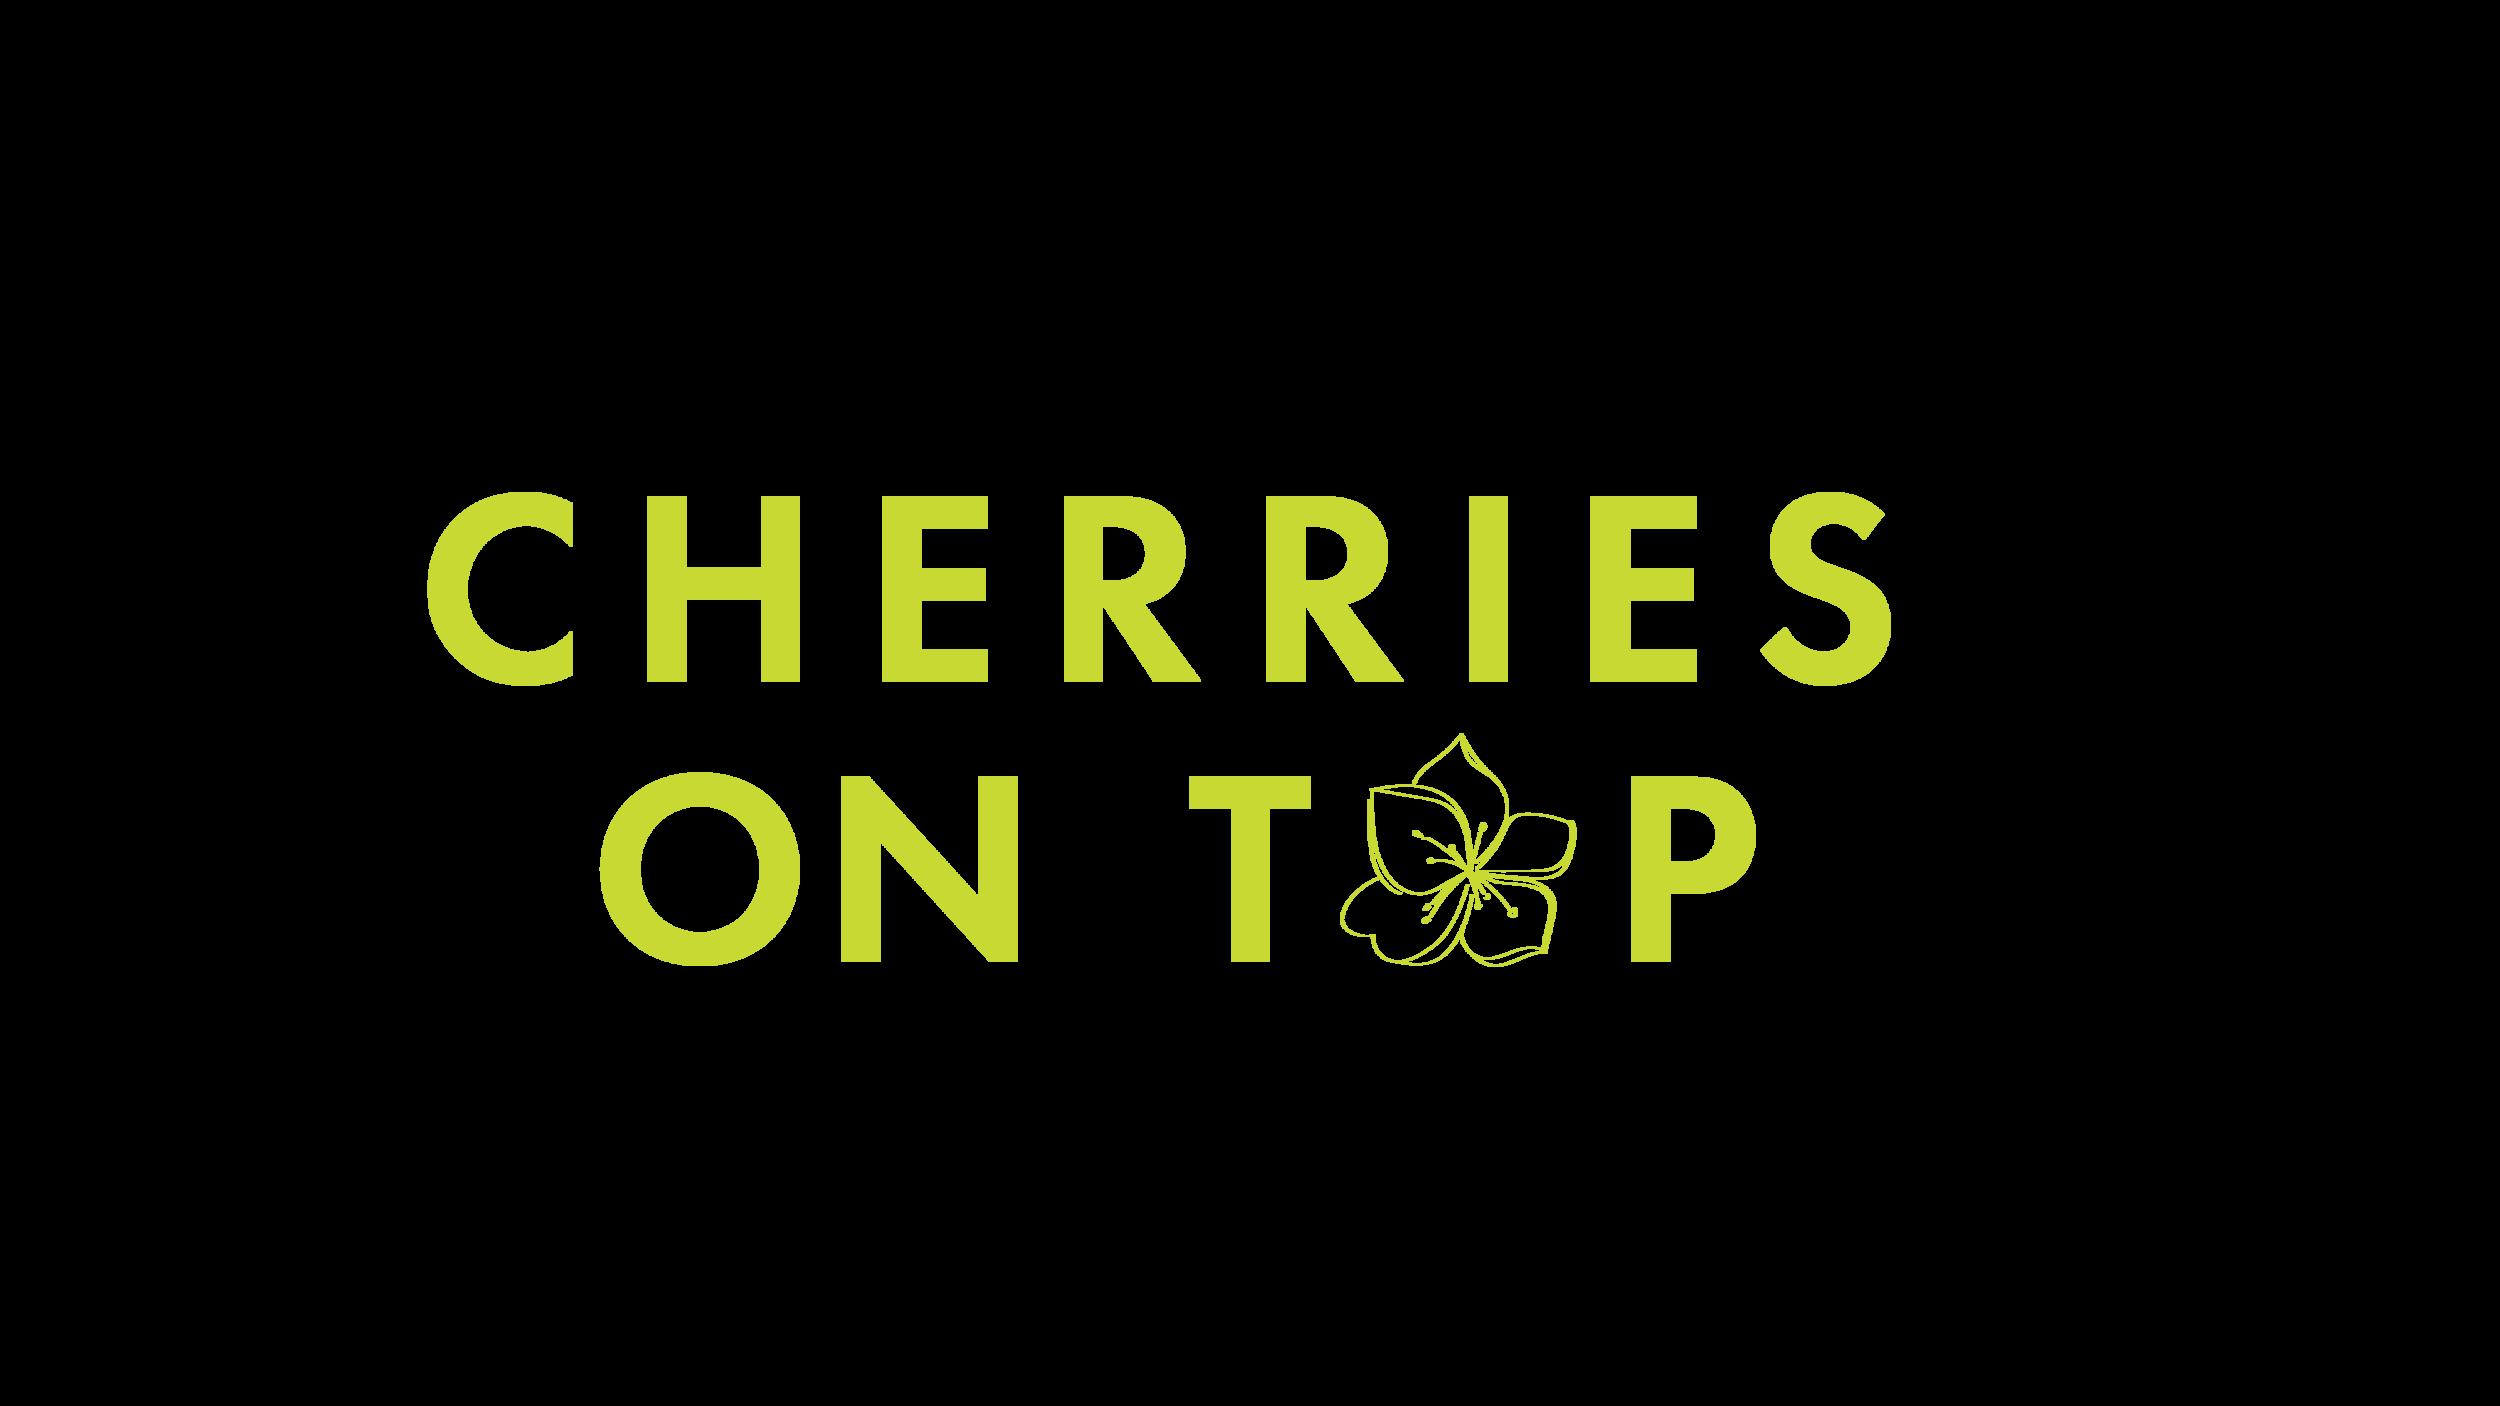 cherriesontop logo-03.png